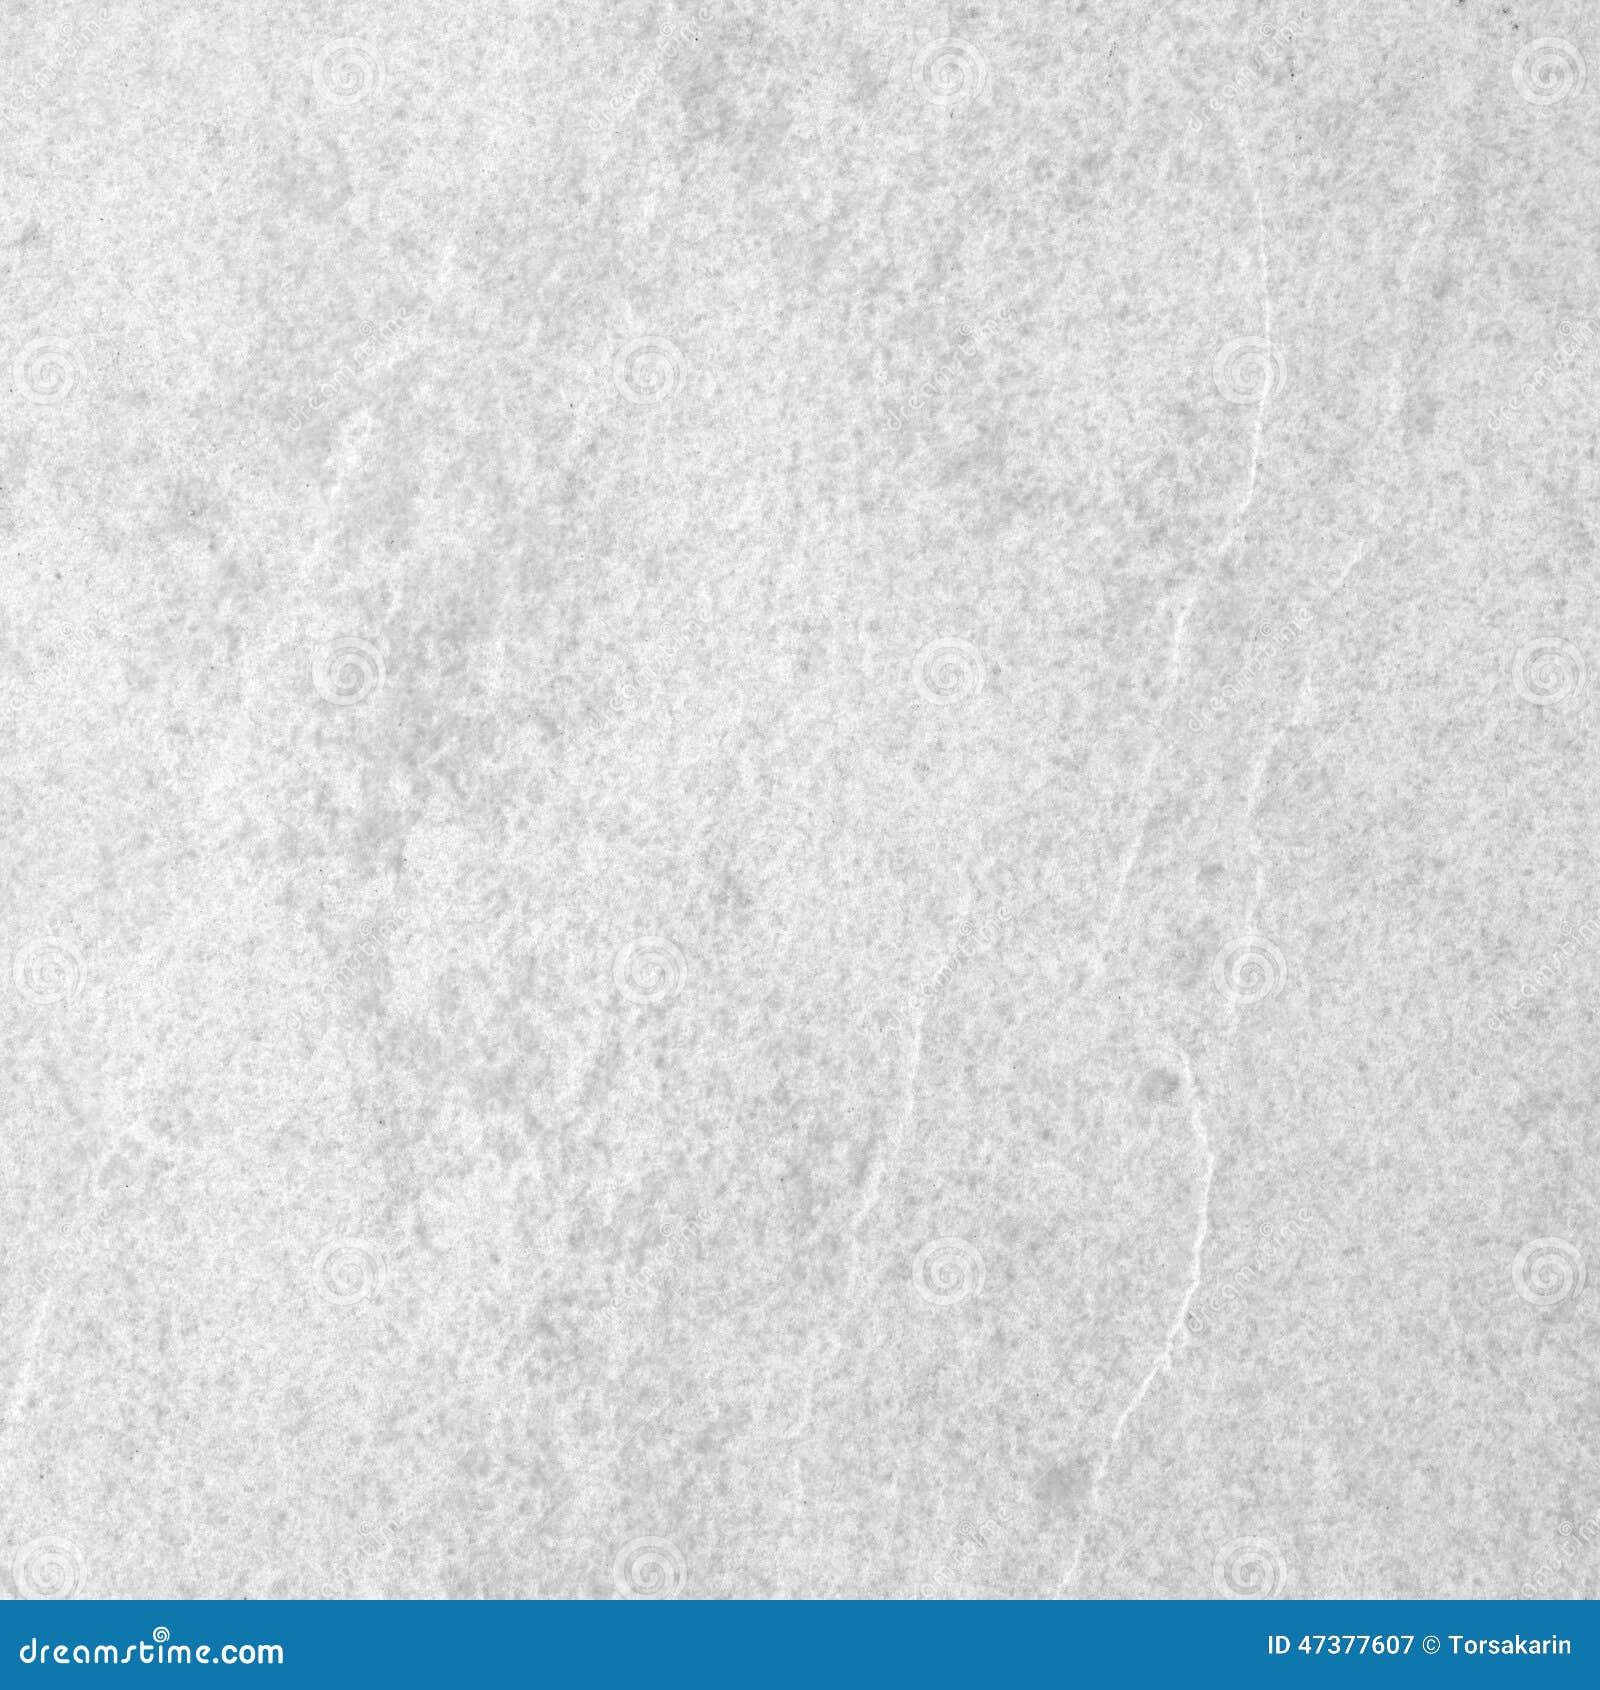 Weisser Granit weißer granit stockbild bild nahaufnahme nave fußboden 47377607